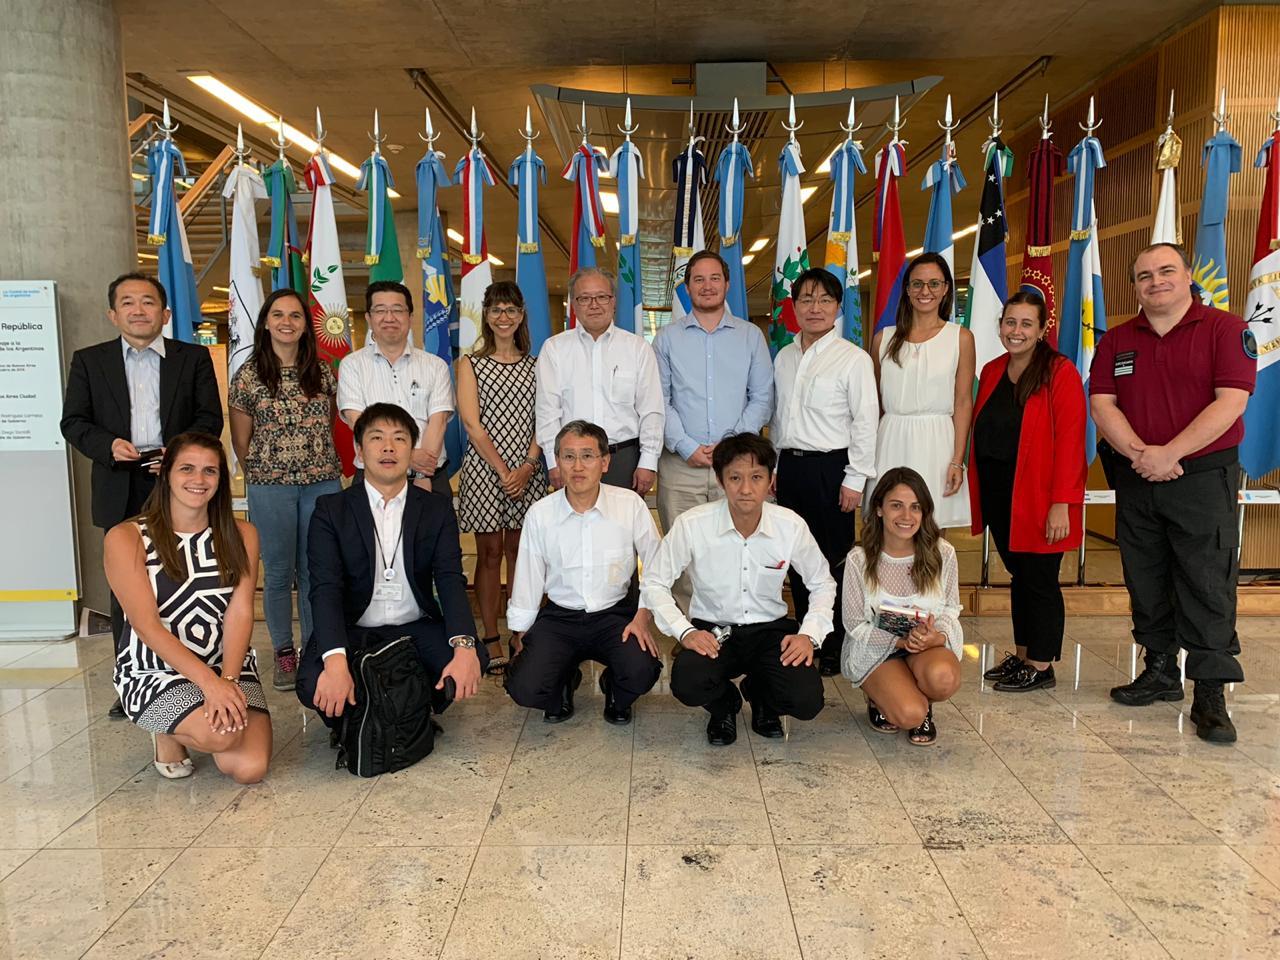 Buenos Aires, referente de Osaka para el próximo G20